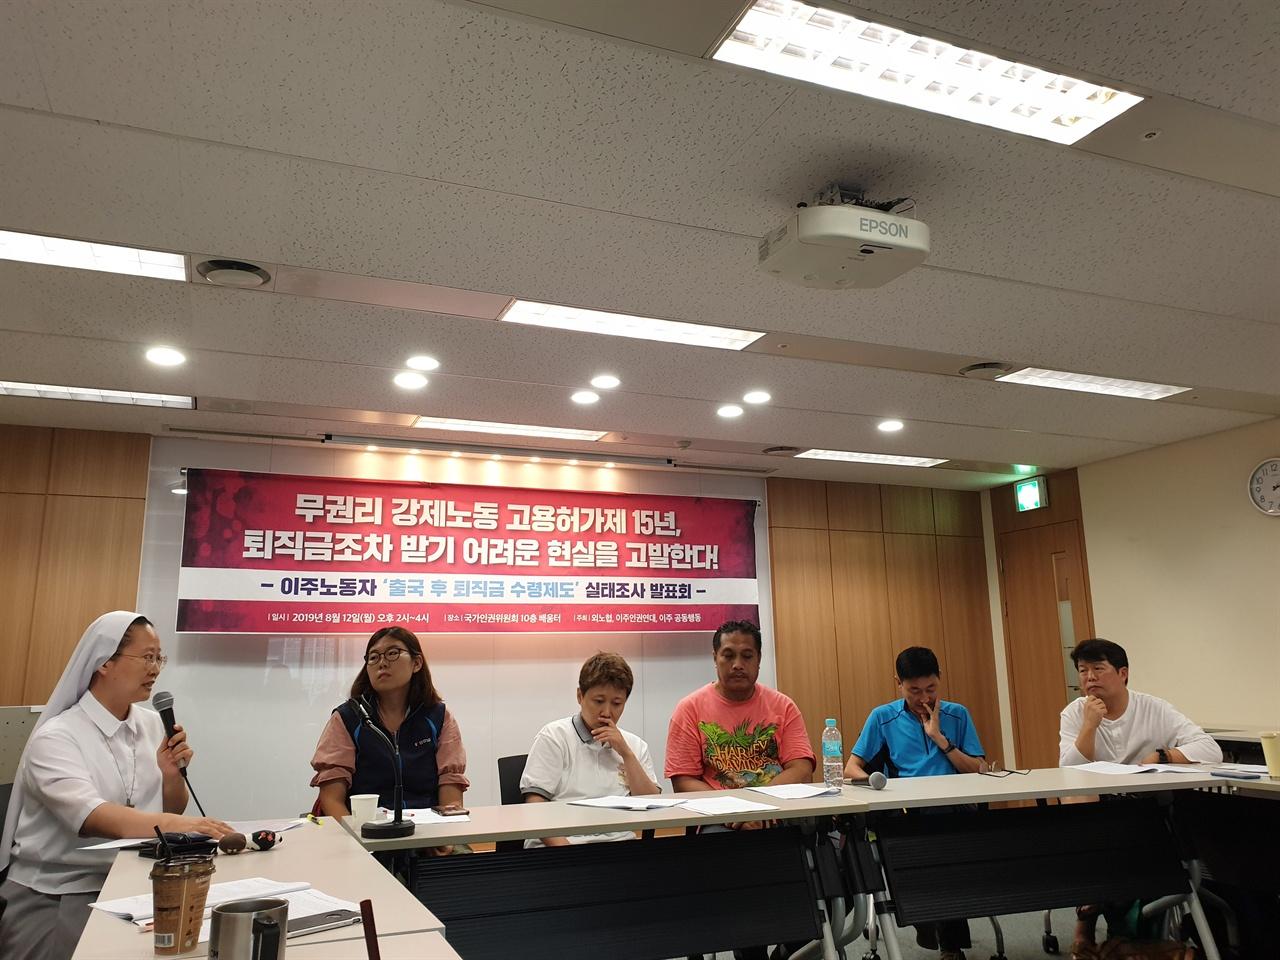 이주노동자 출국 후 퇴직금 수령제도 실태조사 발표회 순천이주민지원센터 솔리나 수녀가 사례 발표하고 있다.